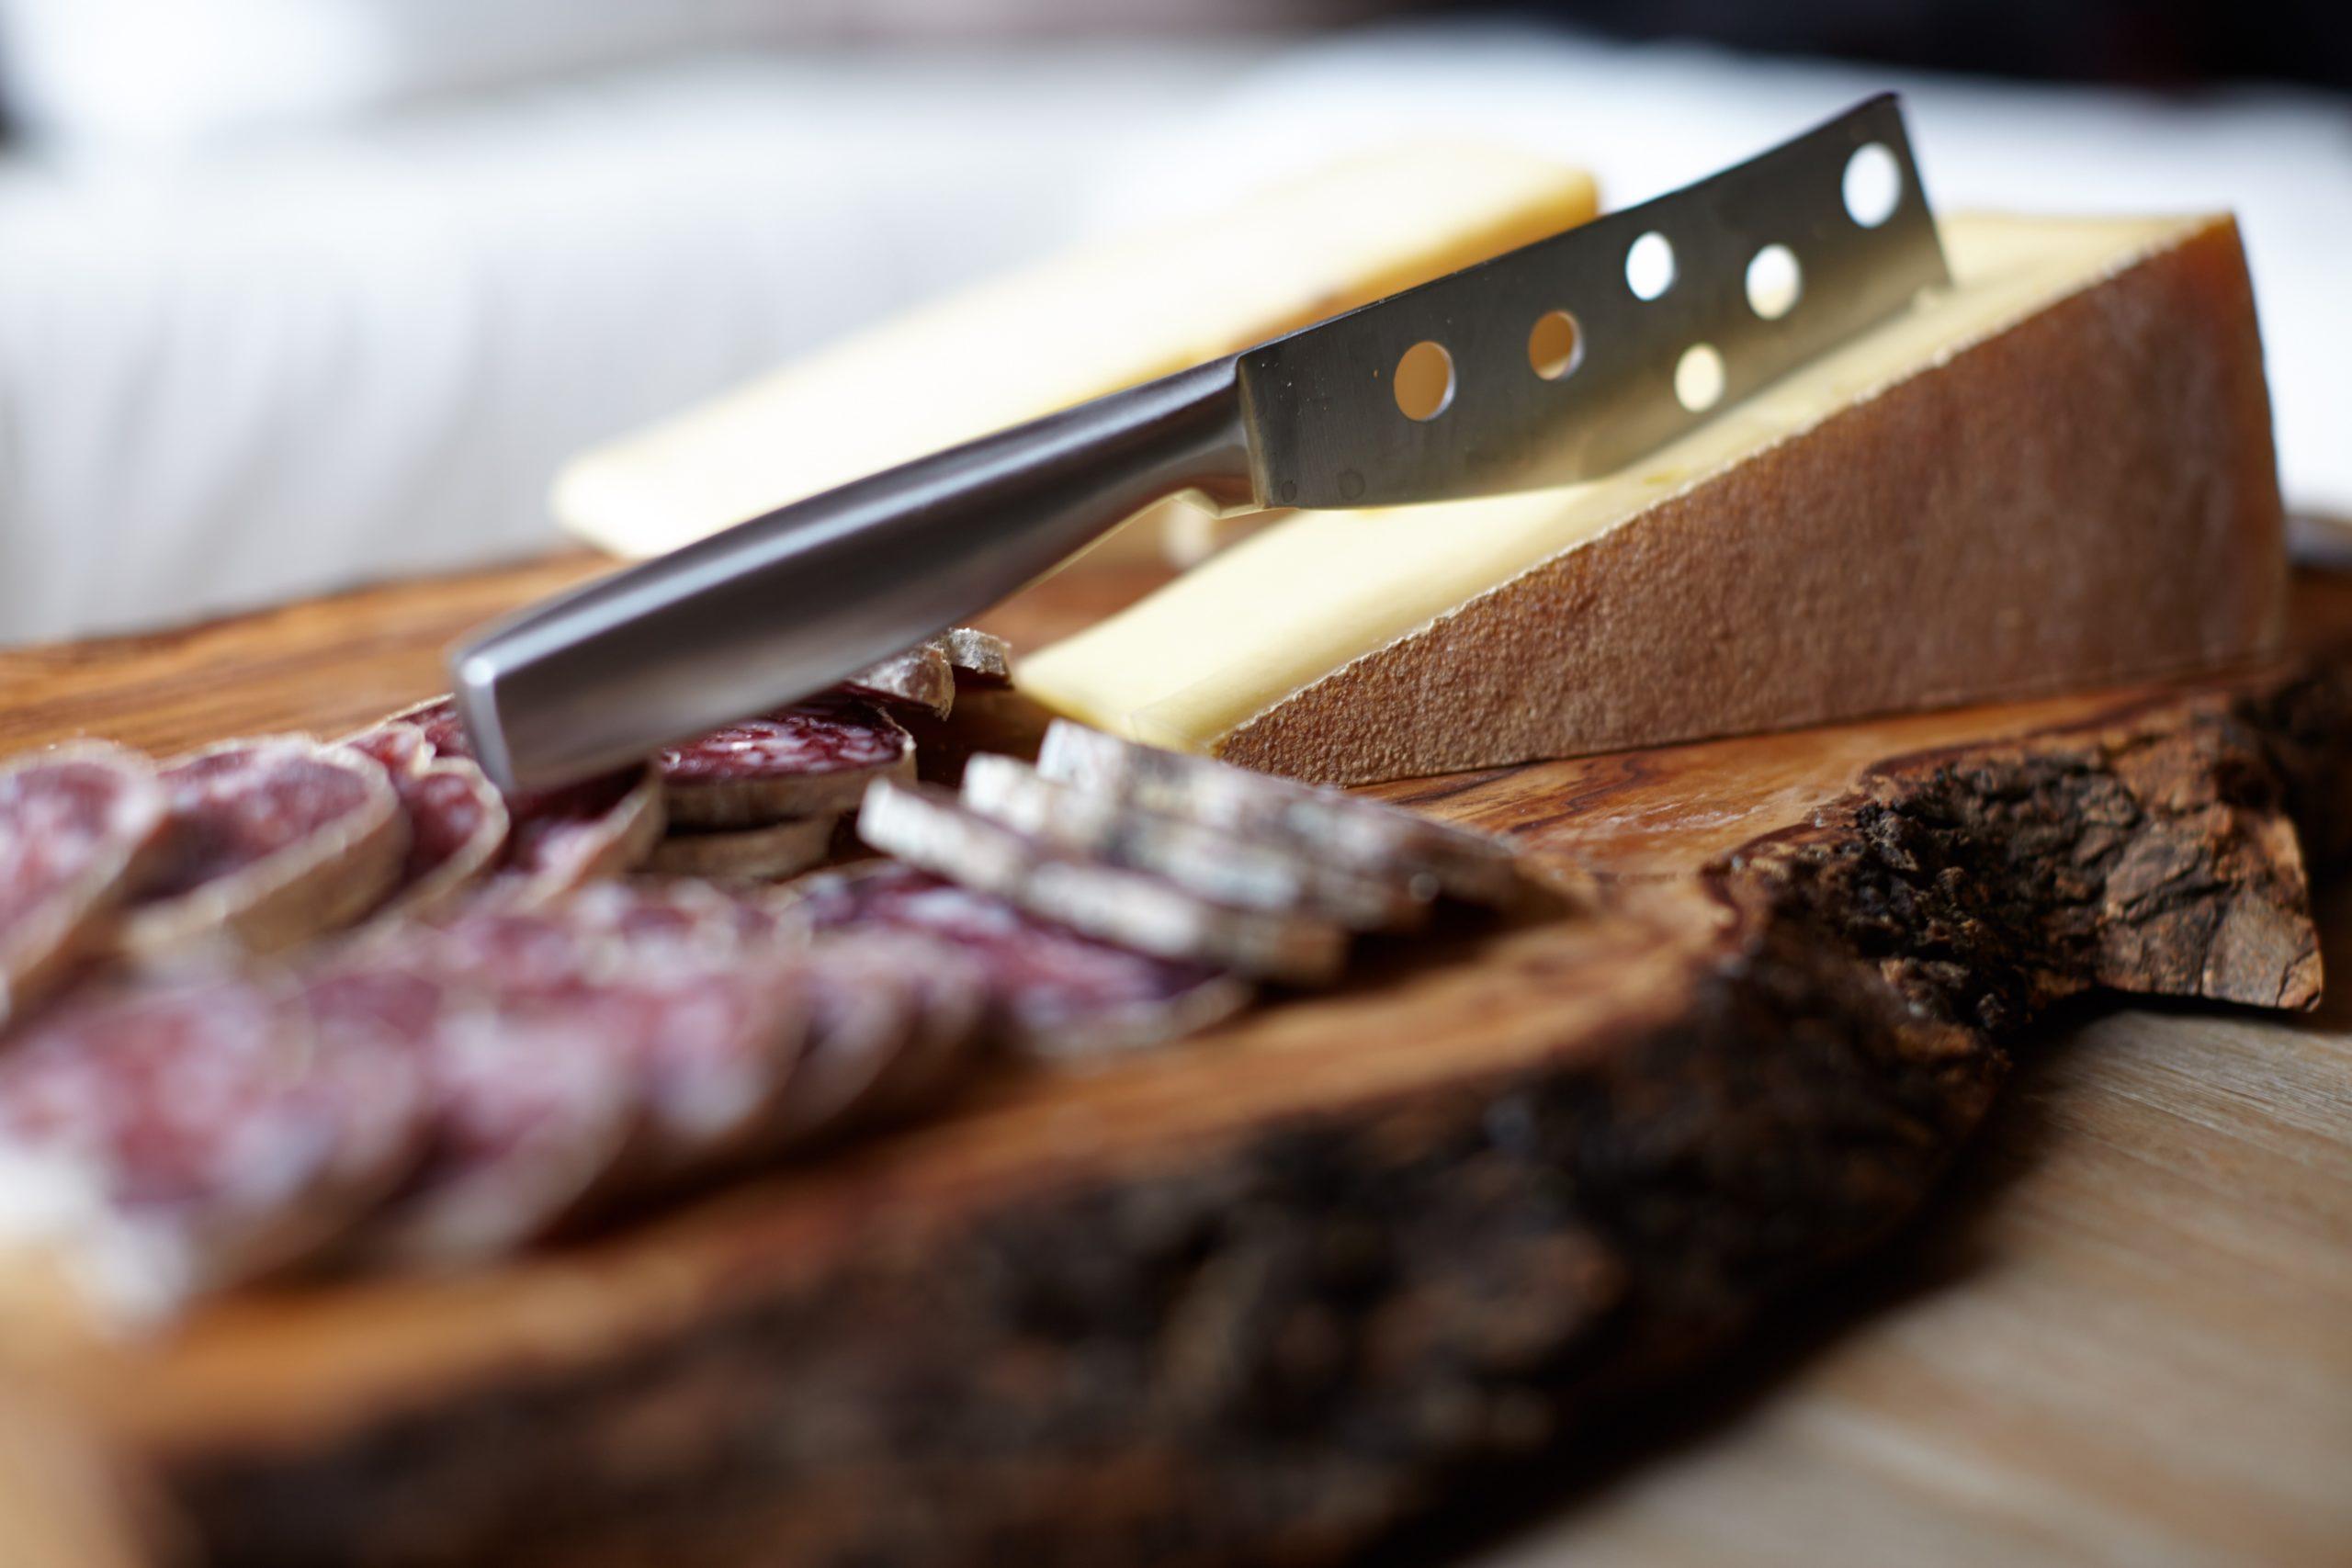 Pourquoi y-a-t-il des trous dans les couteaux à fromage ?